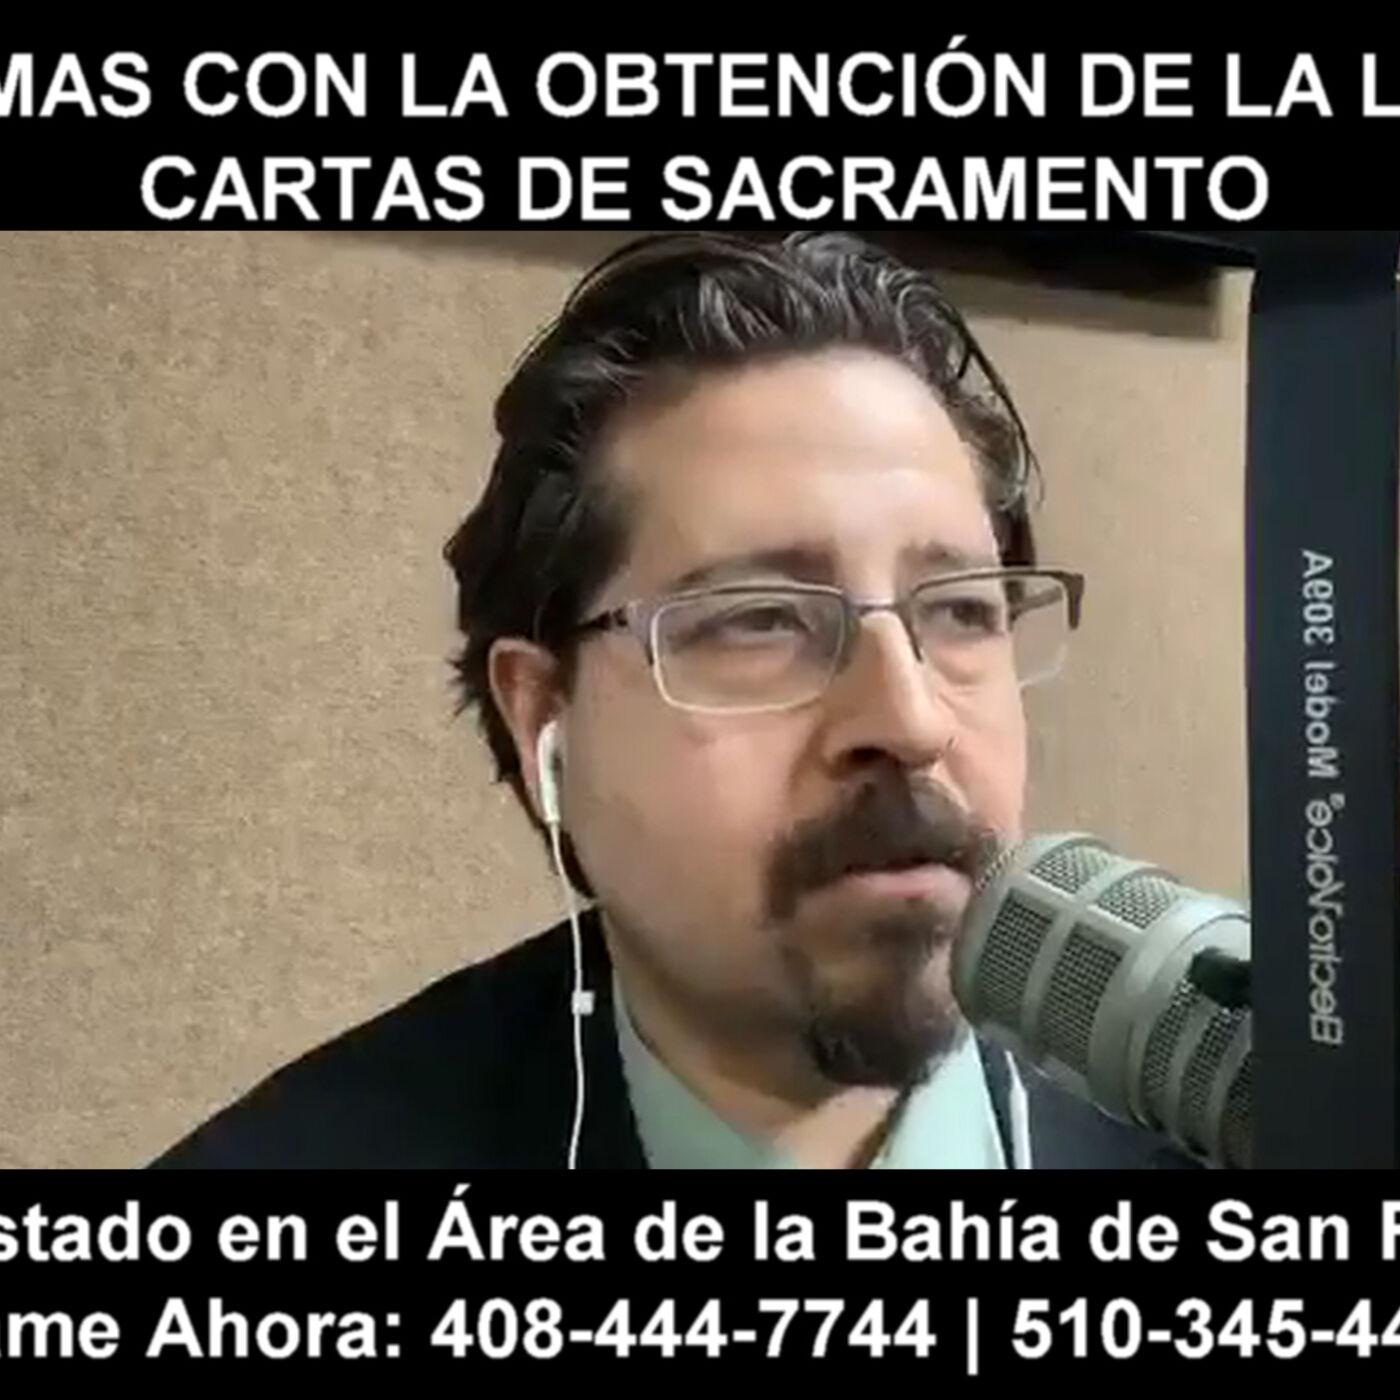 Problemas con la obtención de la licencia. Cartas de Sacramento